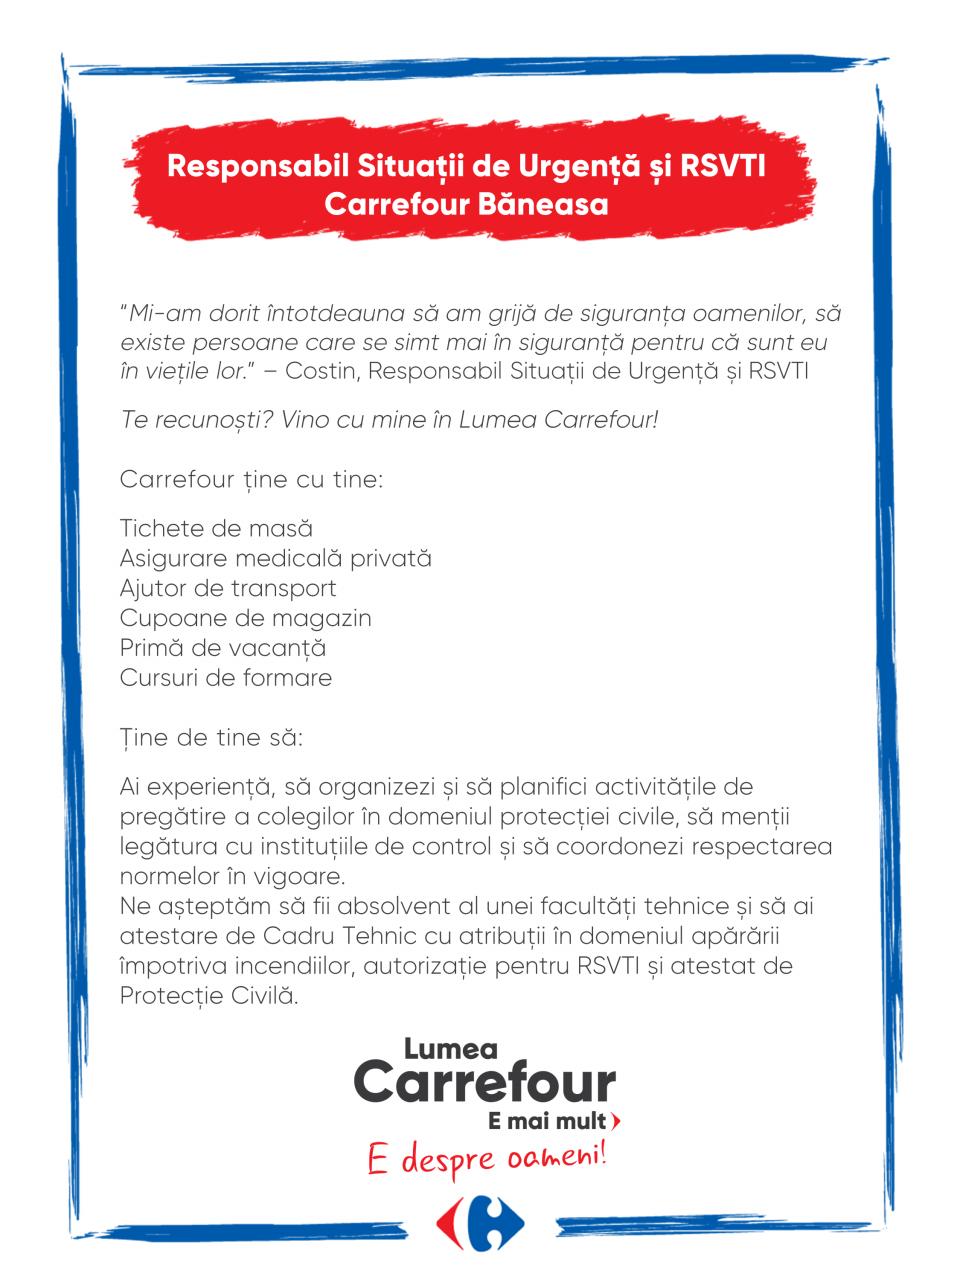 """""""Mi-am dorit întotdeauna să am grijă de siguranța oamenilor, să existe persoane care se simt mai în siguranță pentru că sunt eu în viețile lor."""" – Costin, Responsabil Situații de Urgență și RSVTI  Te recunoști? Vino cu mine în Lumea Carrefour!  Carrefour ține cu tine:  Tichete de masă Asigurare medicală privată Ajutor de transport Cupoane de magazin Primă de vacanță Cursuri de formare  Ţine de tine să:  Ai experiență, să organizezi și să planifici activitățile de pregătire a colegilor în domeniul protecției civile, să menții legătura cu instituțiile de control și să coordonezi respectarea normelor în vigoare. Ne așteptăm să fii absolvent al unei facultăți tehnice și să ai atestare de Cadru Tehnic cu atribuții în domeniul apărării împotriva incendiilor, autorizație pentru RSVTI și atestat de Protecție Civilă.   """"Mi-am dorit întotdeauna să am grijă de siguranța oamenilor, să existe persoane care se simt mai în siguranță pentru că sunt eu în viețile lor."""" – Costin, Responsabil Situații de Urgență și RSVTI  Te recunoști? Vino cu mine în Lumea Carrefour!  Carrefour ține cu tine:  Tichete de masă Asigurare medicală privată Ajutor de transport Cupoane de magazin Primă de vacanță Cursuri de formare  Ţine de tine să:  Ai experiență, să organizezi și să planifici activitățile de pregătire a colegilor în domeniul protecției civile, să menții legătura cu instituțiile de control și să coordonezi respectarea normelor în vigoare. Ne așteptăm să fii absolvent al unei facultăți tehnice și să ai atestare de Cadru Tehnic cu atribuții în domeniul apărării împotriva incendiilor, autorizație pentru RSVTI și atestat de Protecție Civilă.  protectie, situatii de urgenta, protectie civila, control, coordonare Lumea Carrefour e mai mult. E despre oameni!Lumea noastră? E despre prietenia fără vârstă și bucuria de a fi buni în ceea ce facem. Despre diversitatea meseriilor, dar mai ales despre diversitatea membrilor unei mari familii. Despre emoția primului job și satisfacția pe care o avem când"""